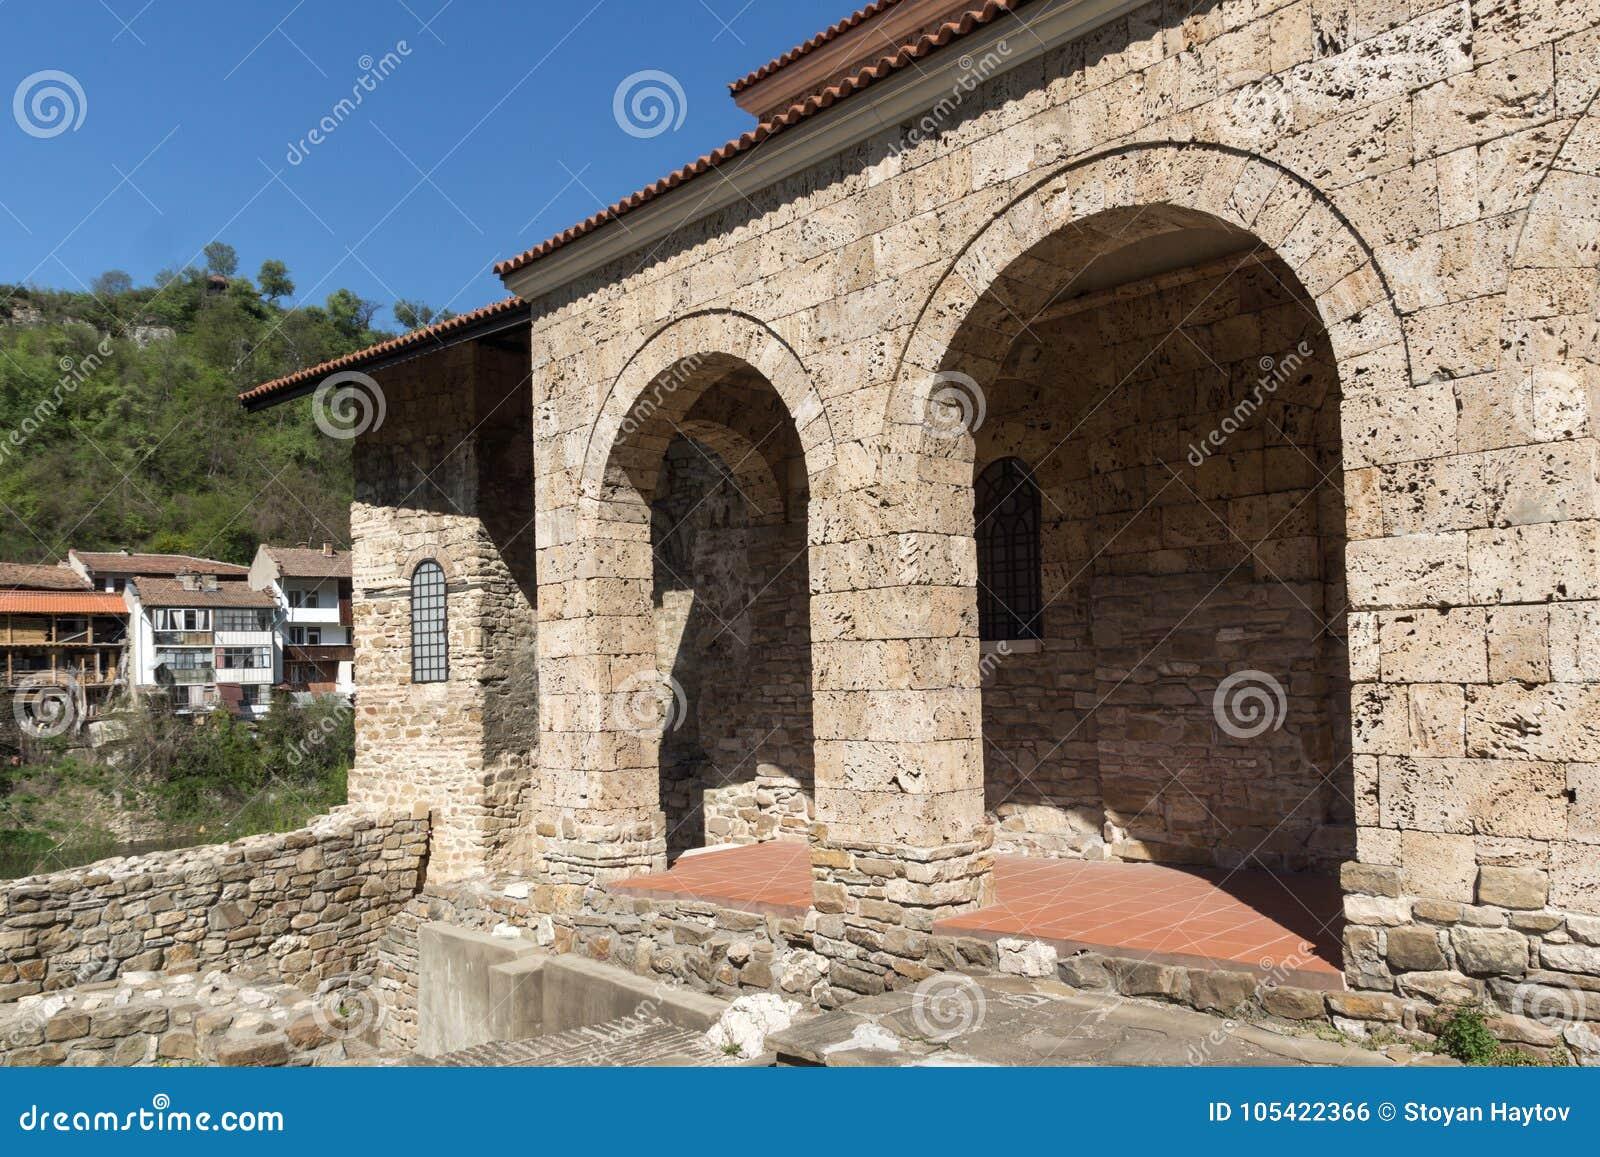 Μεσαιωνική ιερή εκκλησία σαράντα μαρτύρων στην πόλη του Βελίκο Τύρνοβο, Βουλγαρία